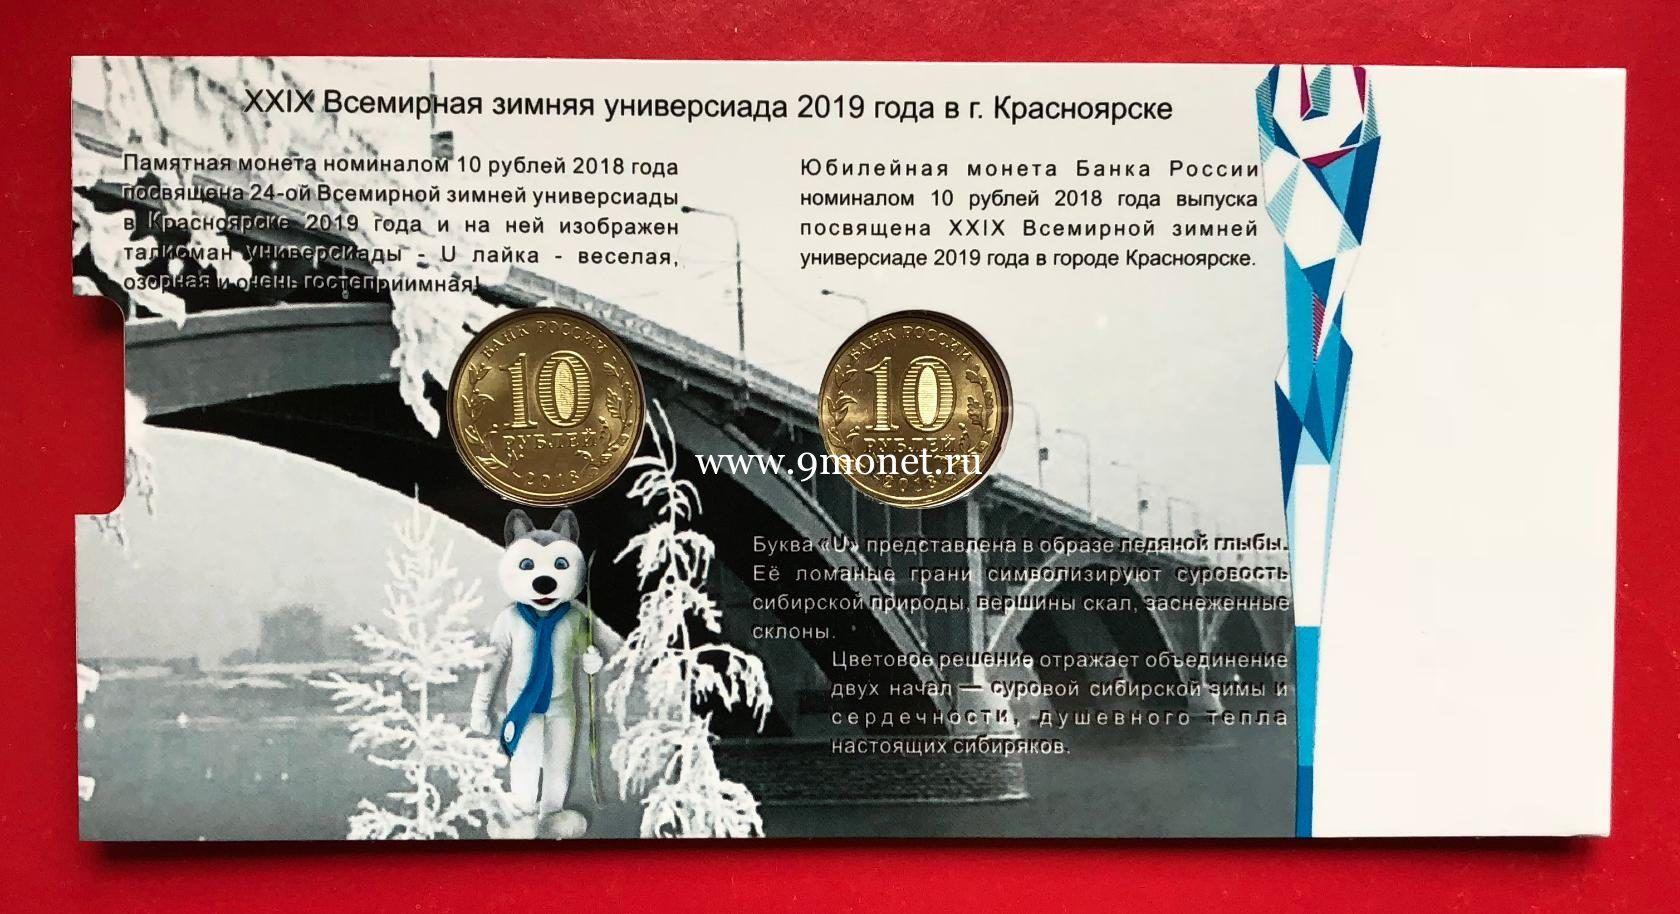 Набор 2 монеты 10 рублей 2018 года Всемирная зимняя универсиада 2019 года в г. Красноярске в альбоме.